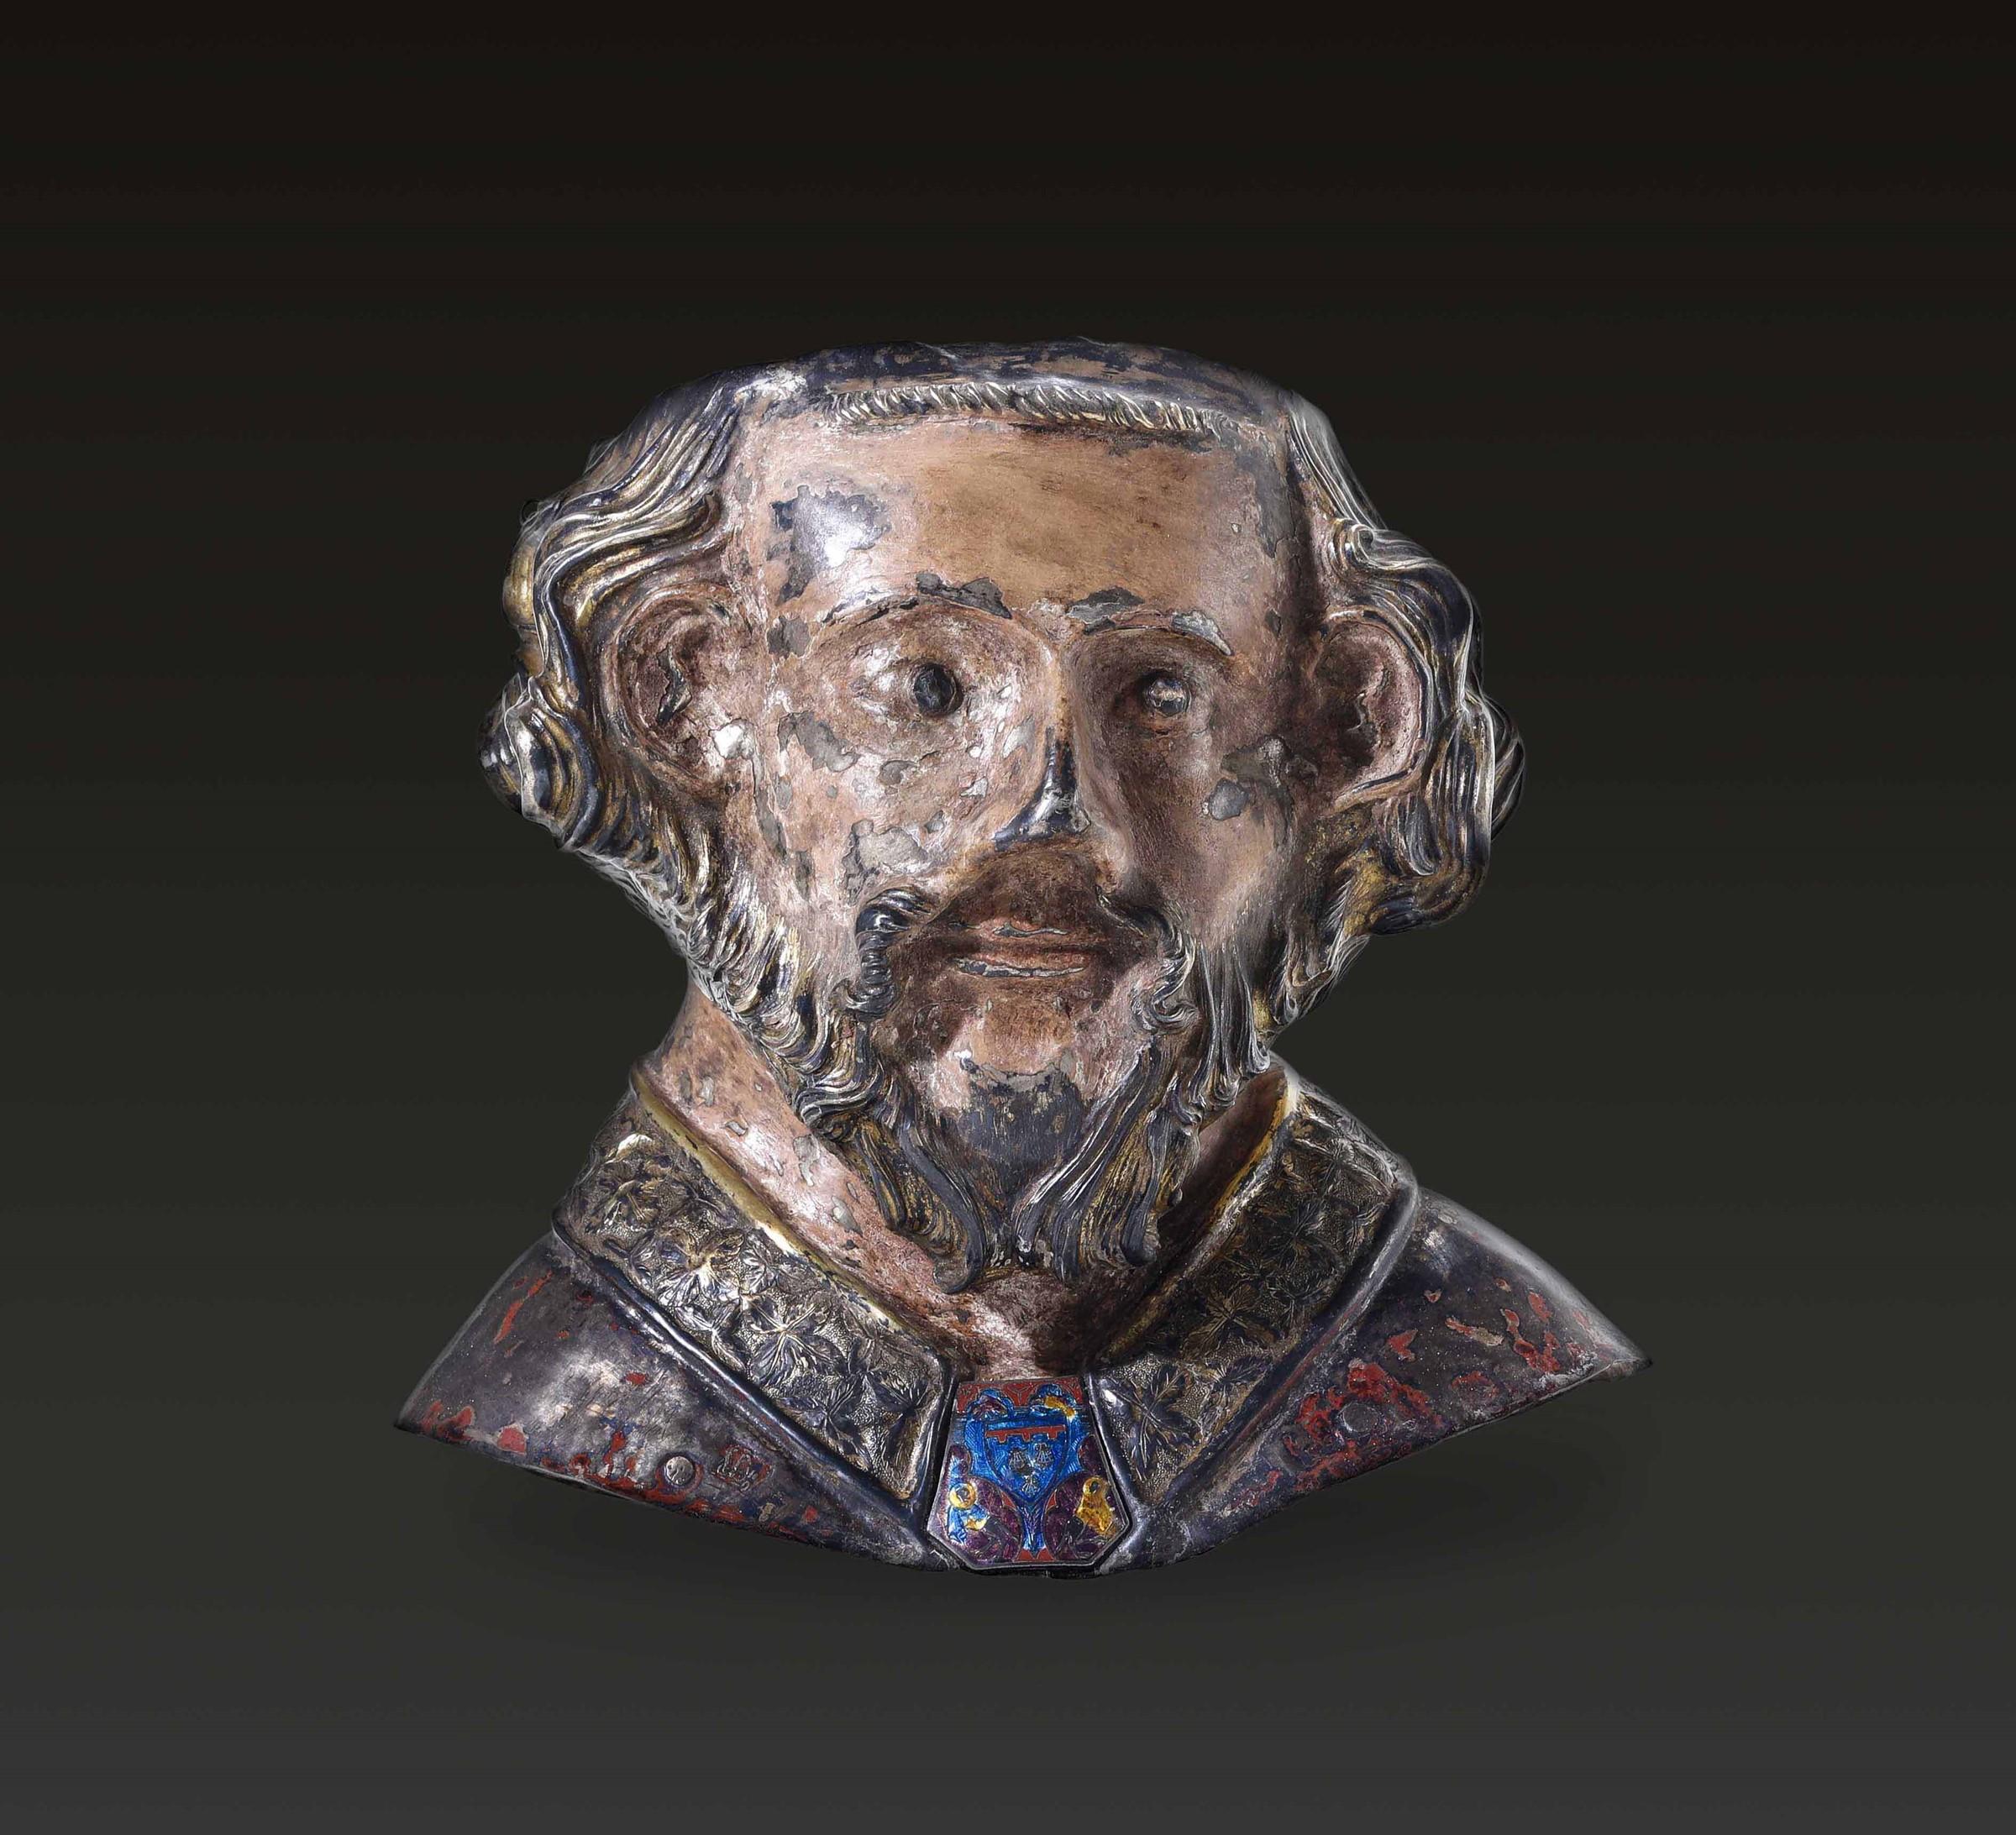 A silver Saint, Catalonia or France, 13-1400s - cm 23x14x24. La rara testimonianza di [...]